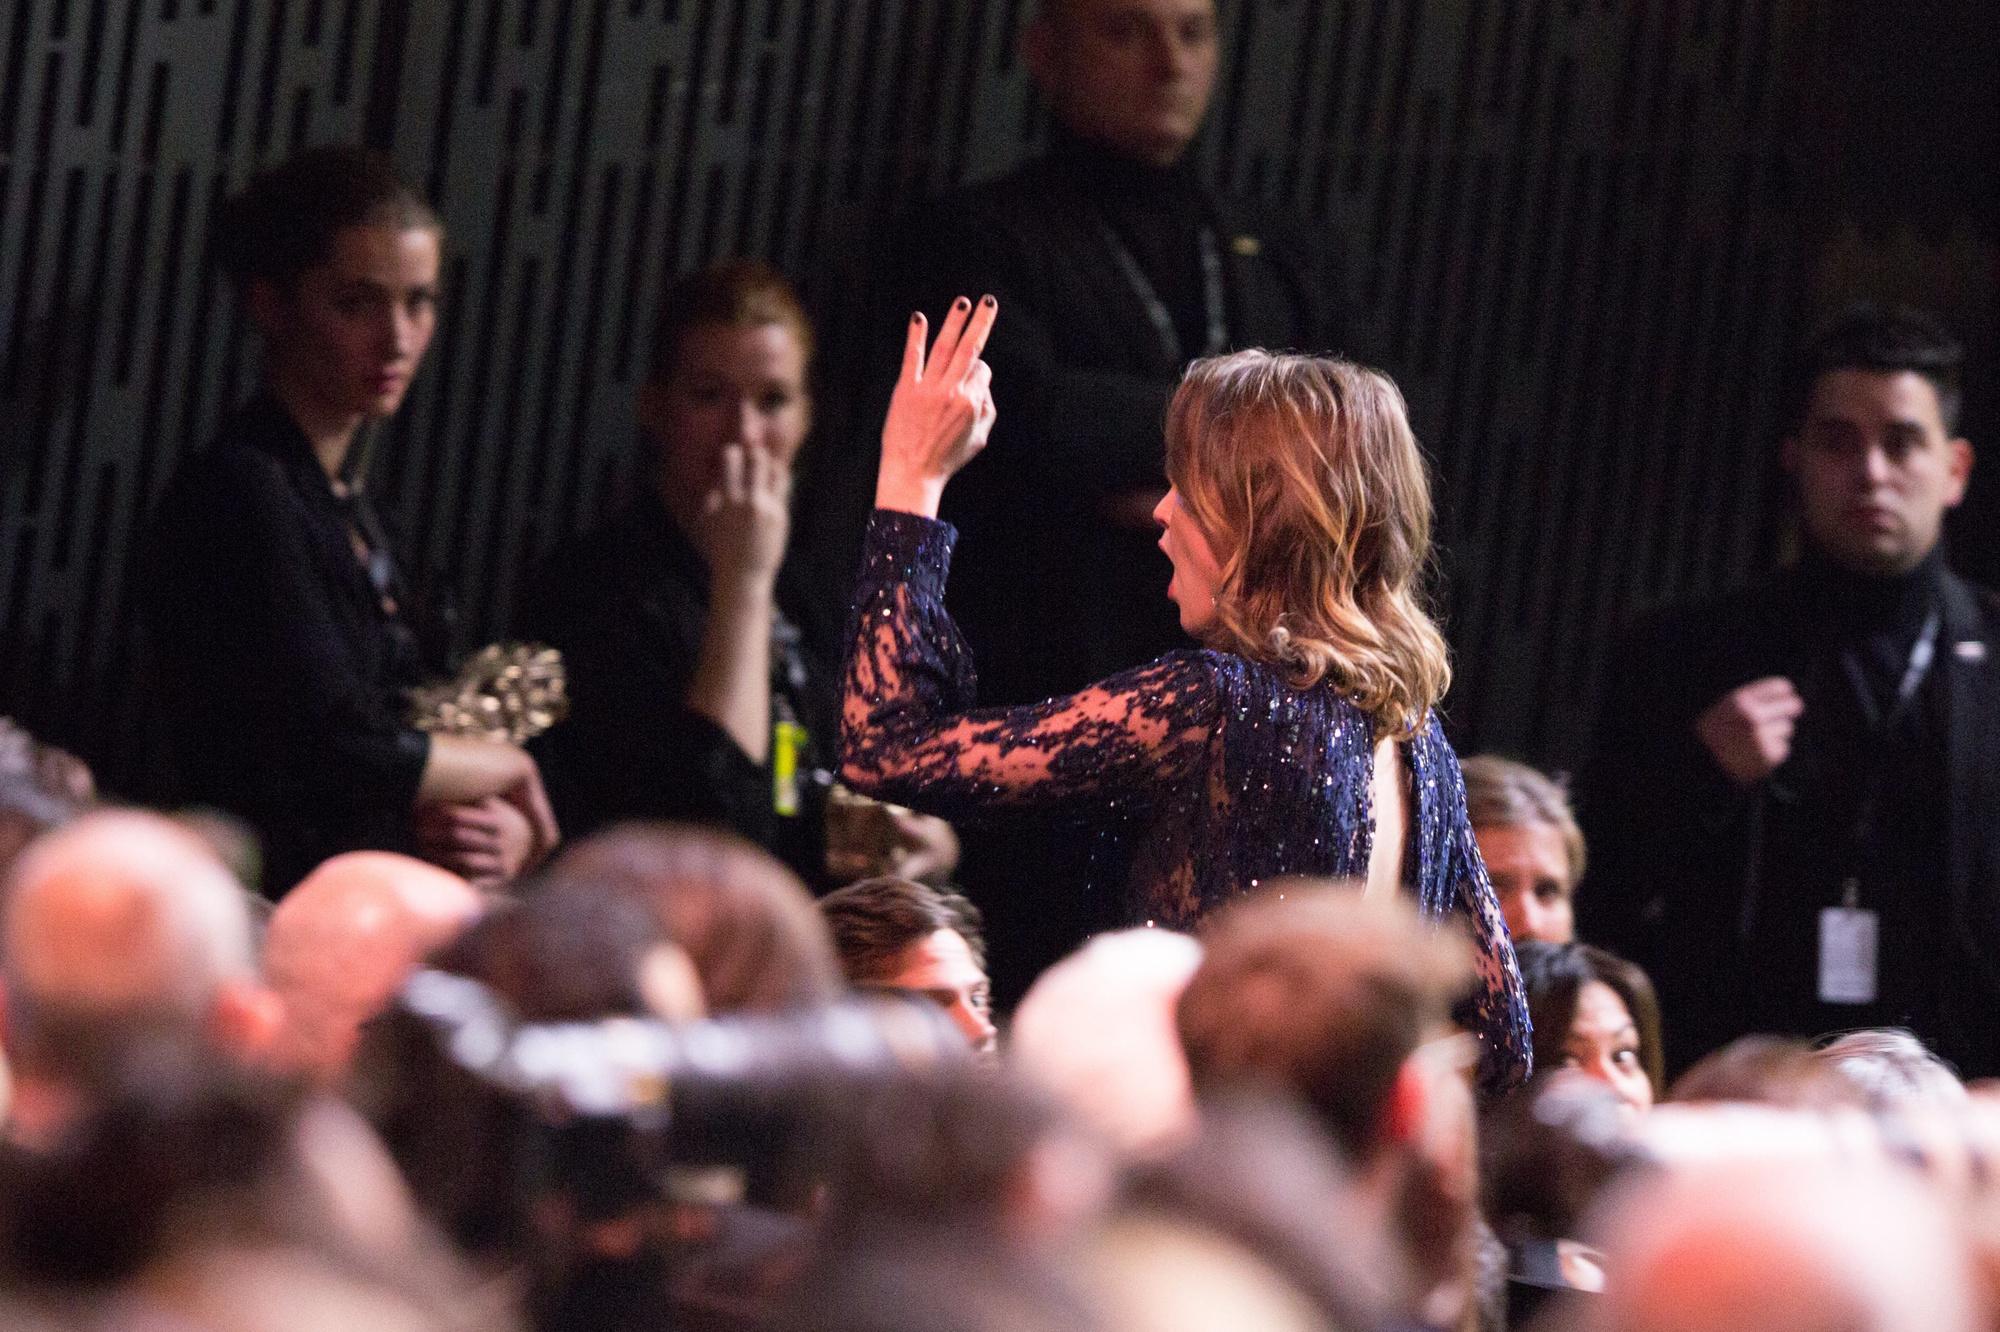 Adèle Haenel quitte la cérémonie après l'annonce du César du meilleur réalisateur à Roman Polanski., ISOPIX/Nasser Berzane/ABACAPRESS.COM